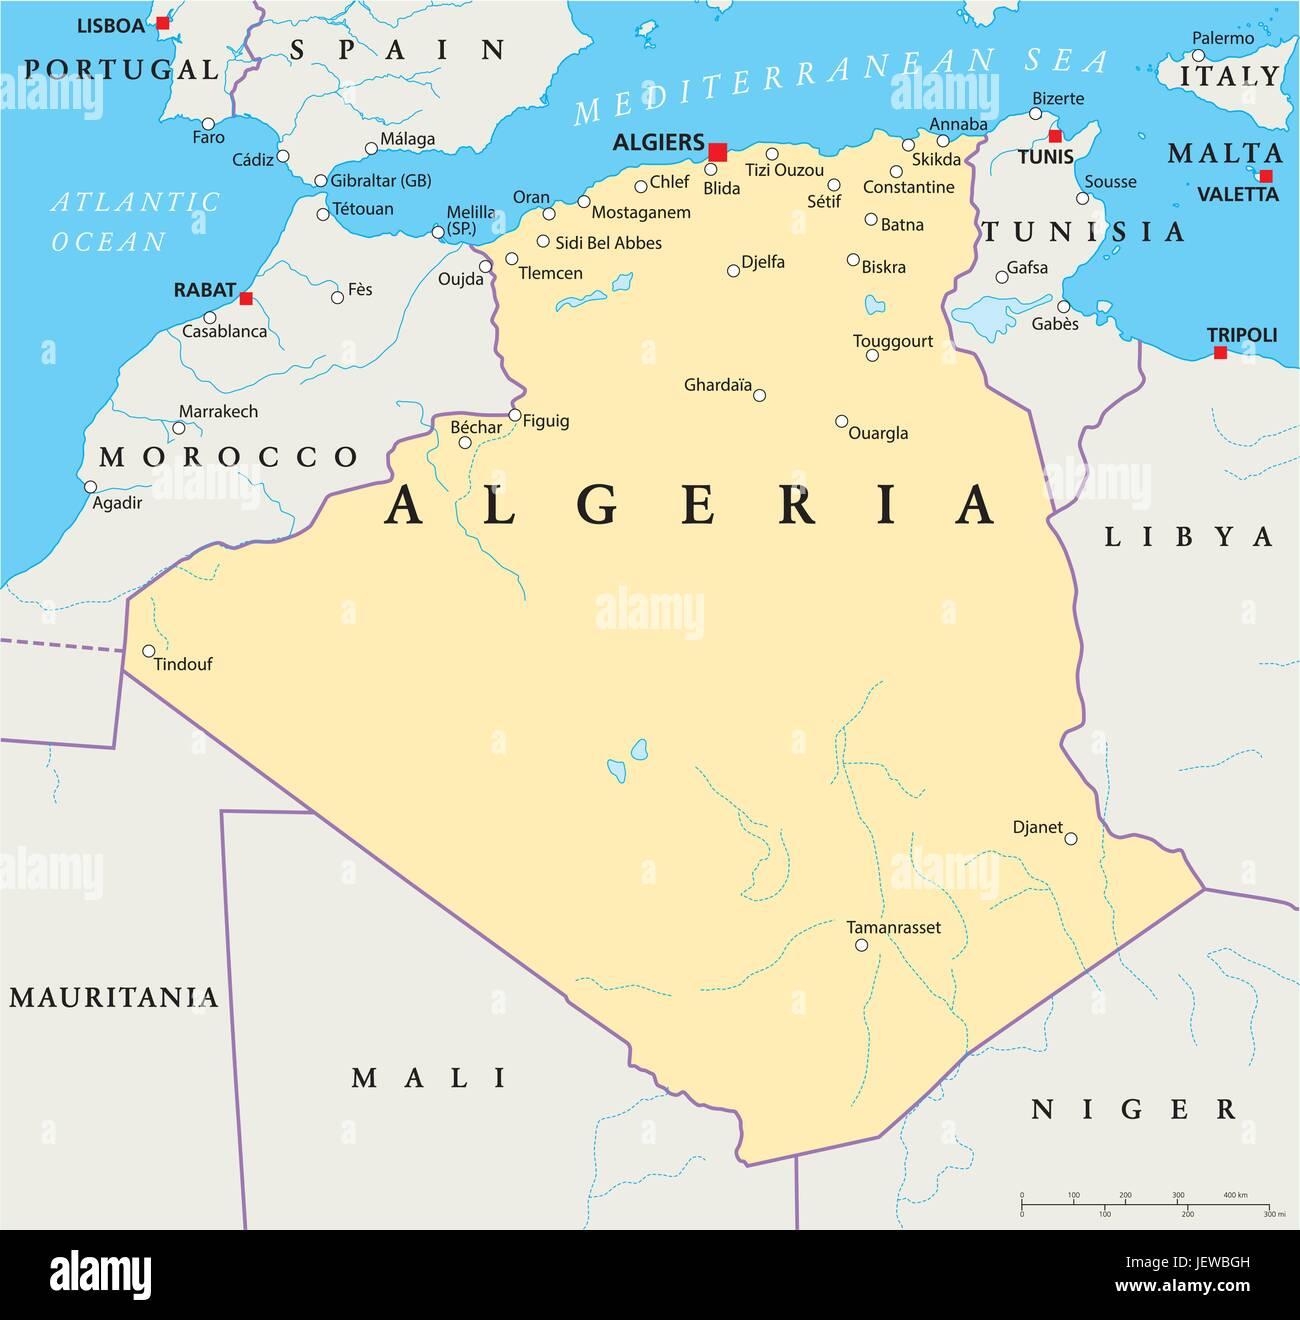 Algerie Carte Du Monde.Le Pays L Etat L Algerie Geographie Cartographie Carte